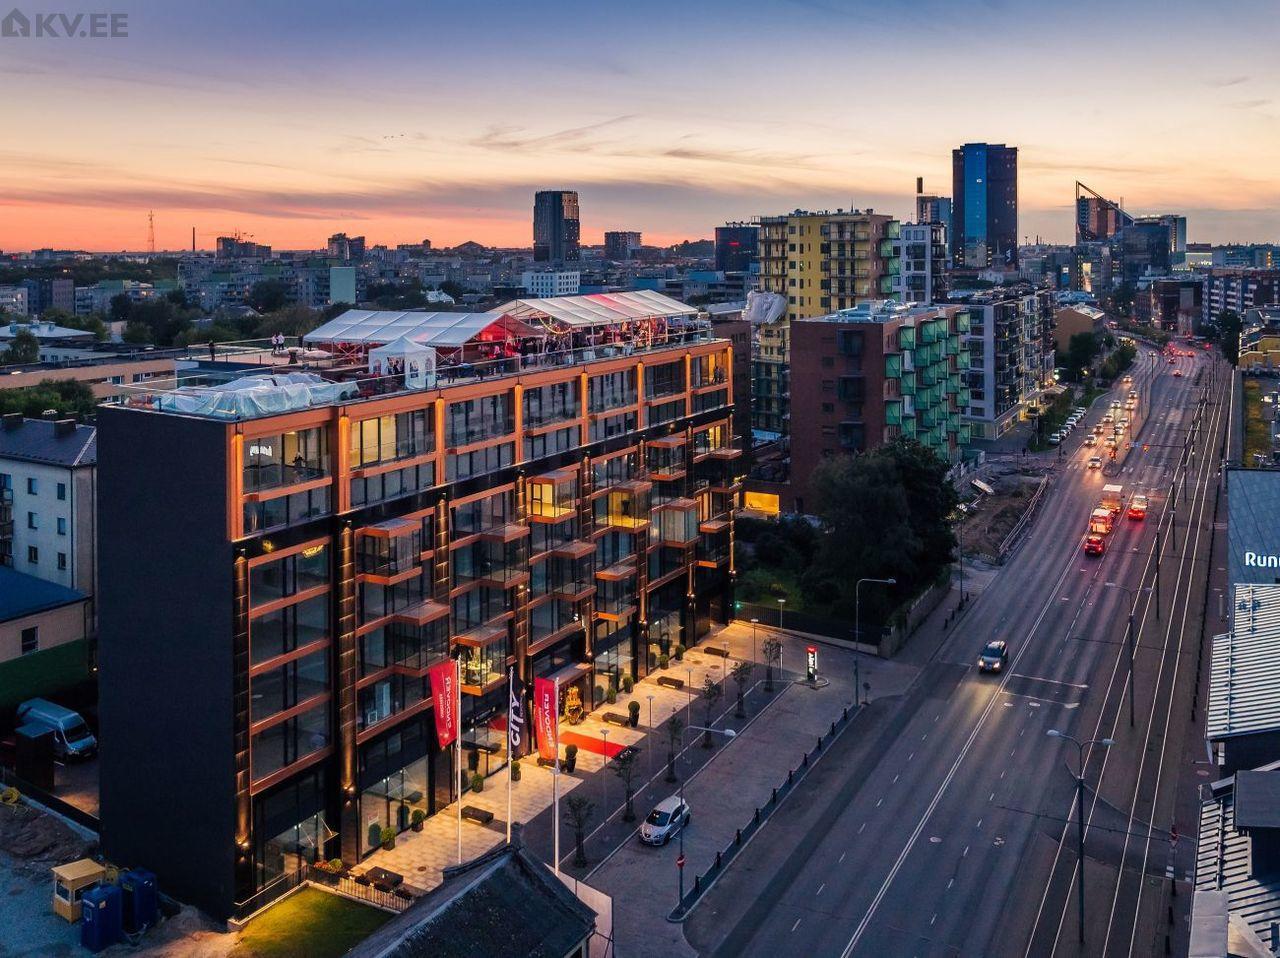 Pressiteade: Endover Kinnisvara tõuseb Tallinna suurimaks elamuarendajaks